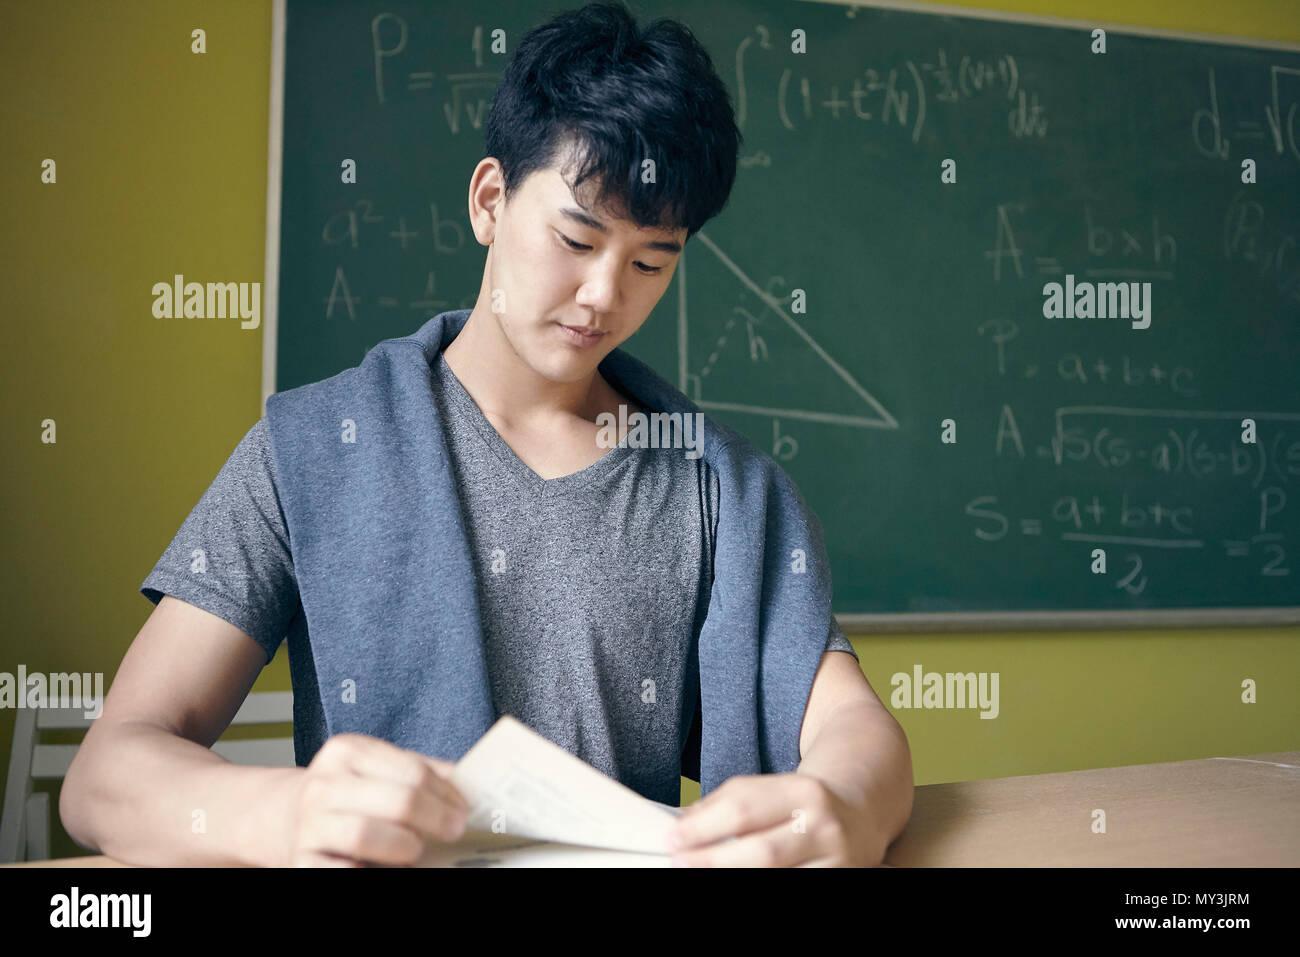 Joven estudiando en la clase de matemáticas Imagen De Stock